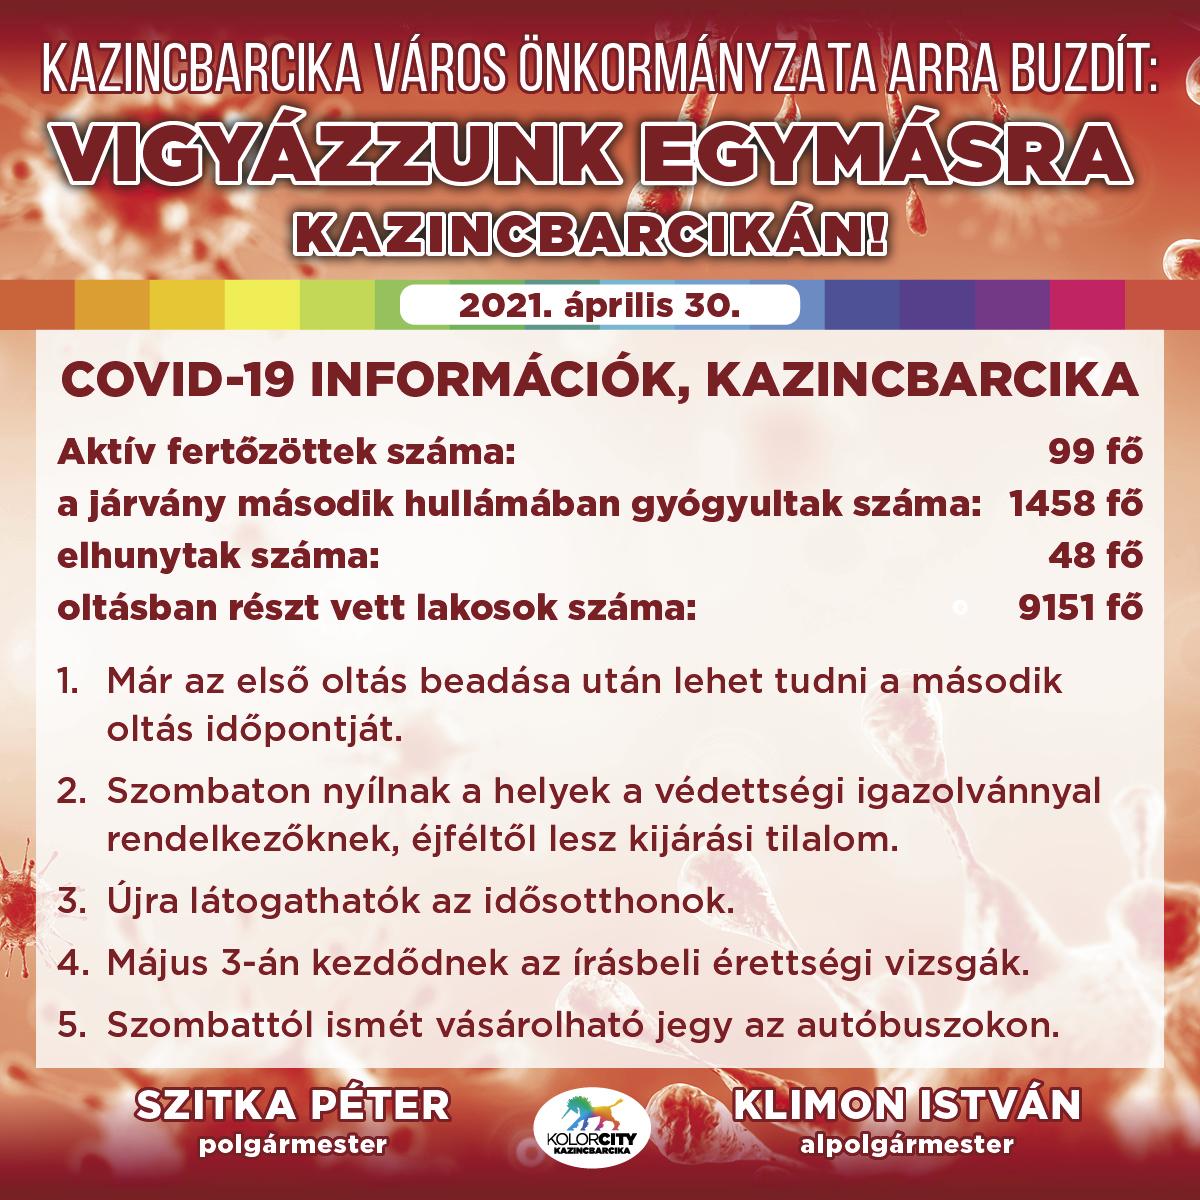 https://kolorline.hu/Vigyázzunk egymásra Kazincbarcikán! – 2021. április 30.